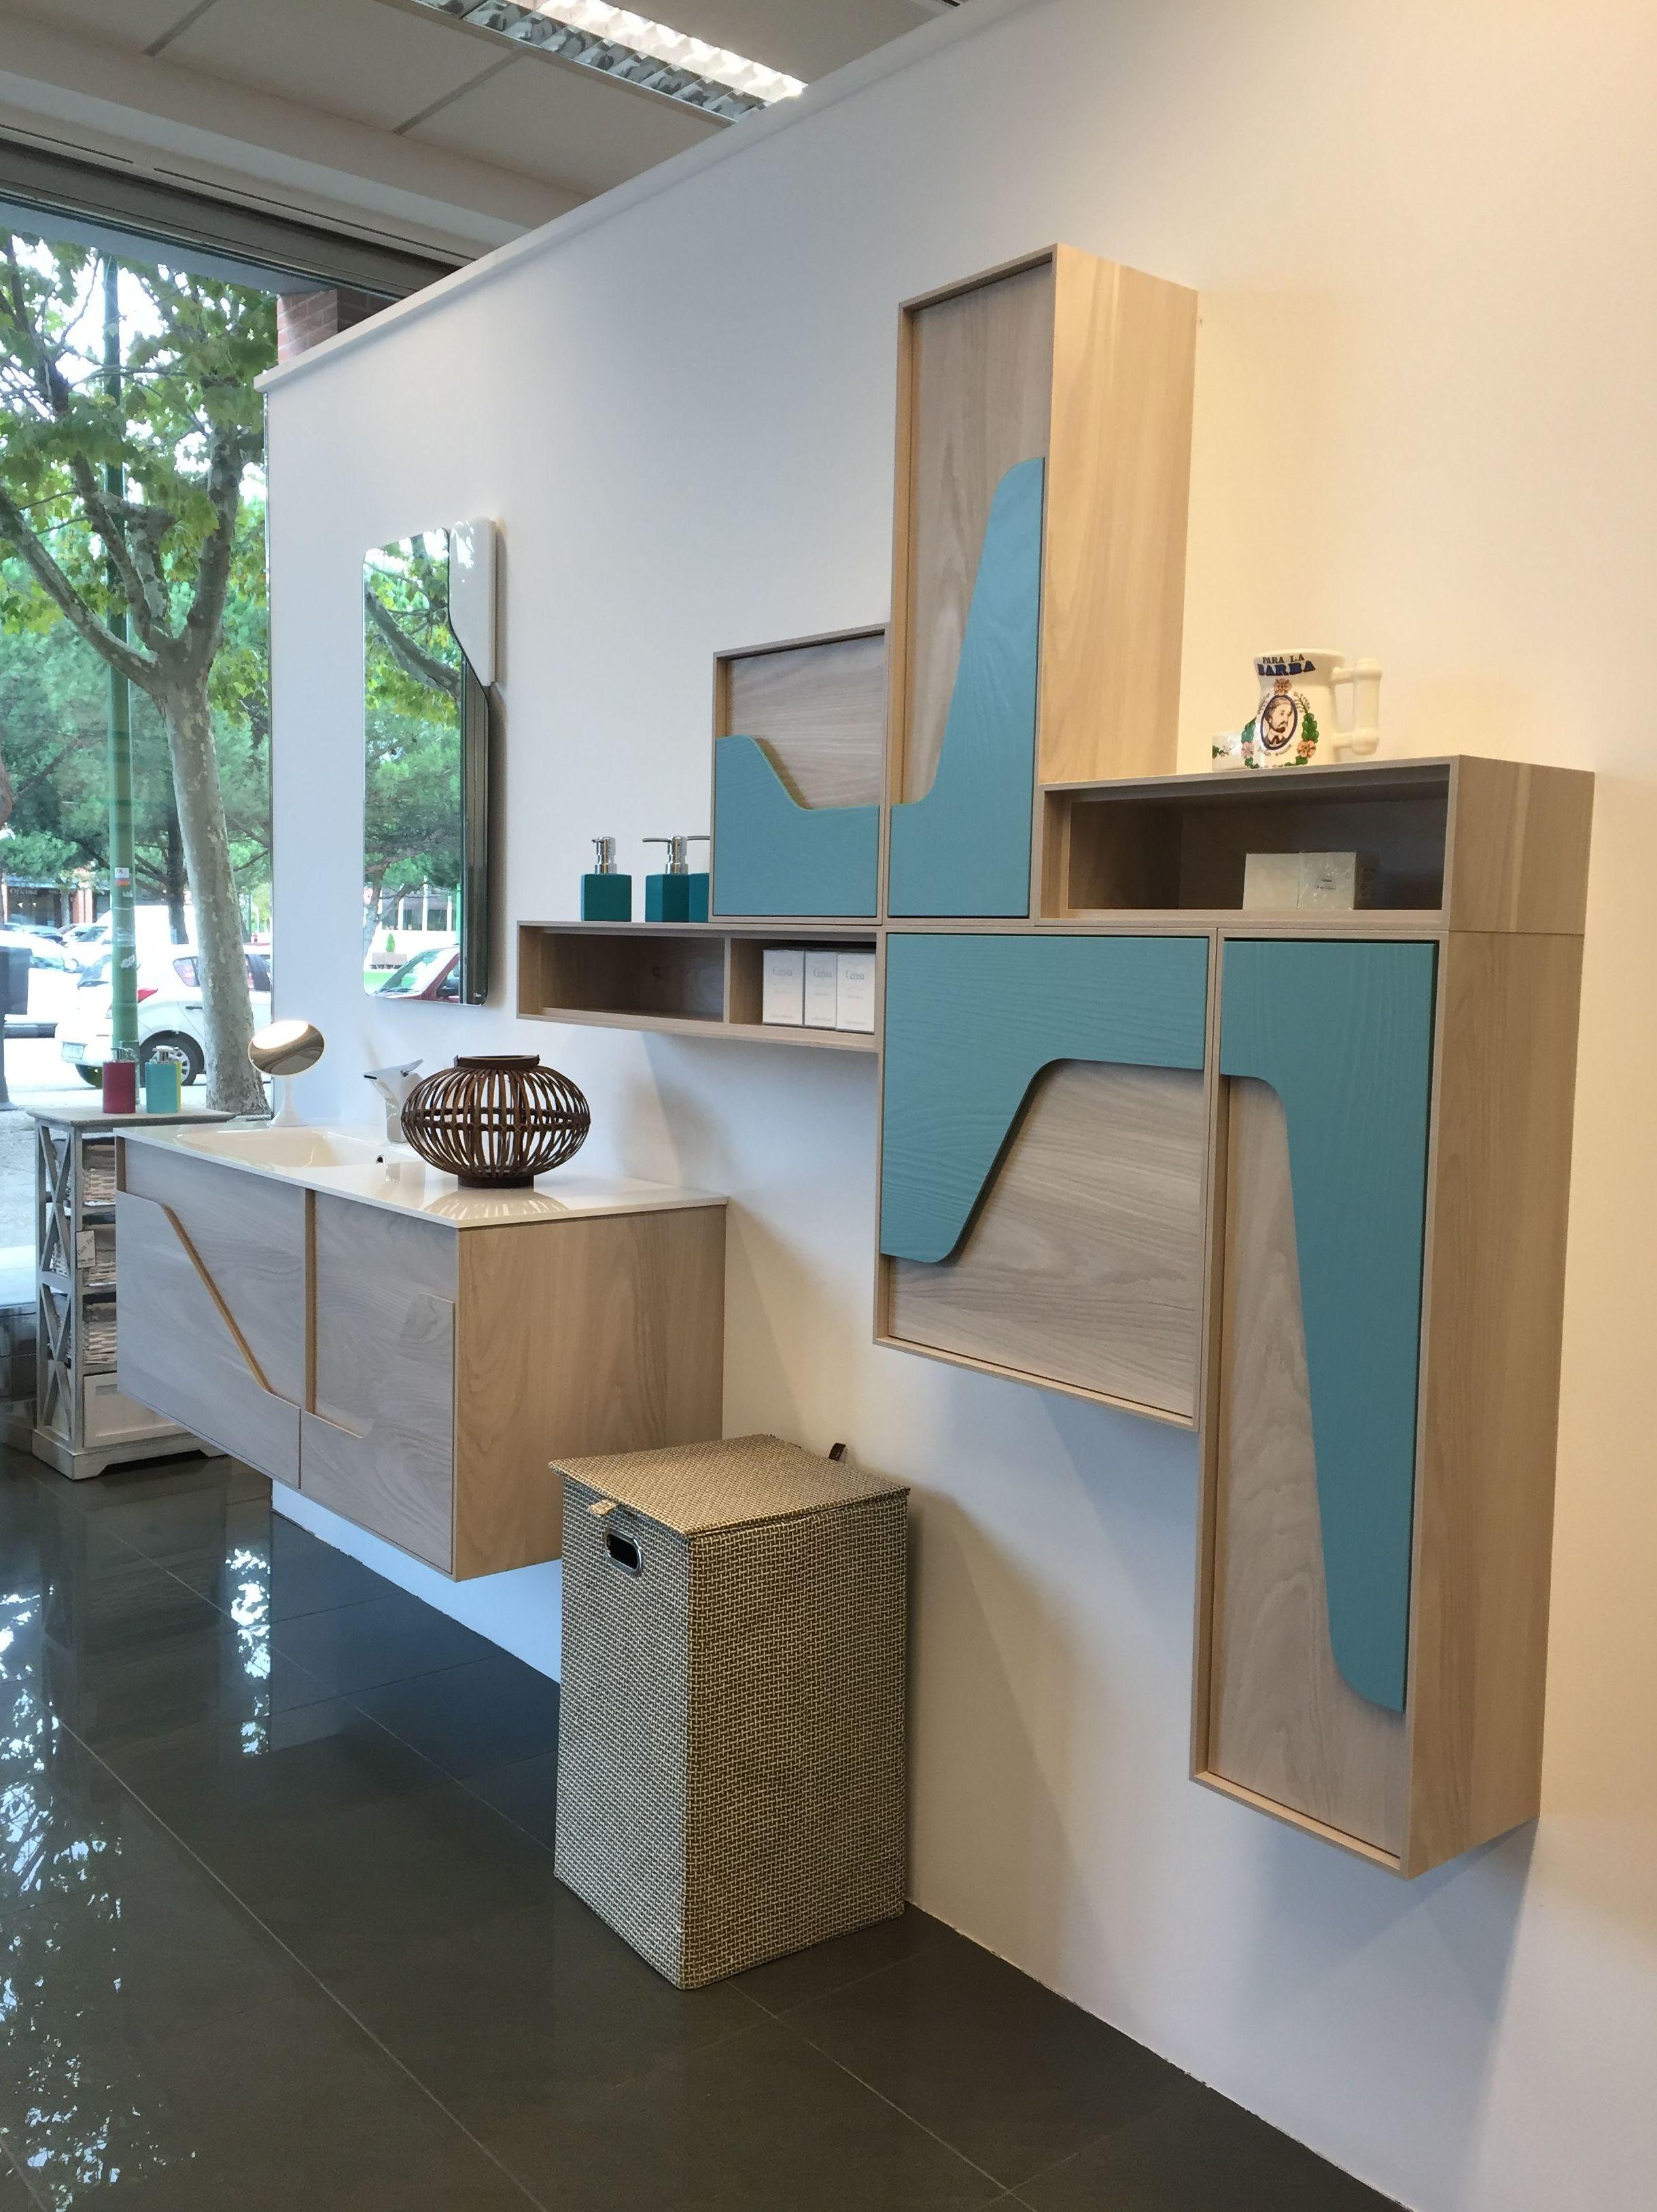 Foto 18 de Muebles de baño y cocina en Burgos | Ferroplas